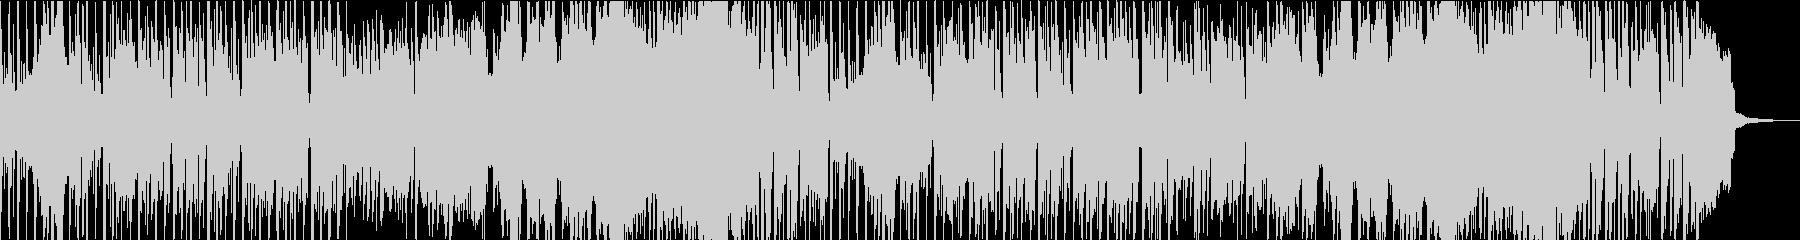 オープニングや切り替えに使える明るい曲の未再生の波形